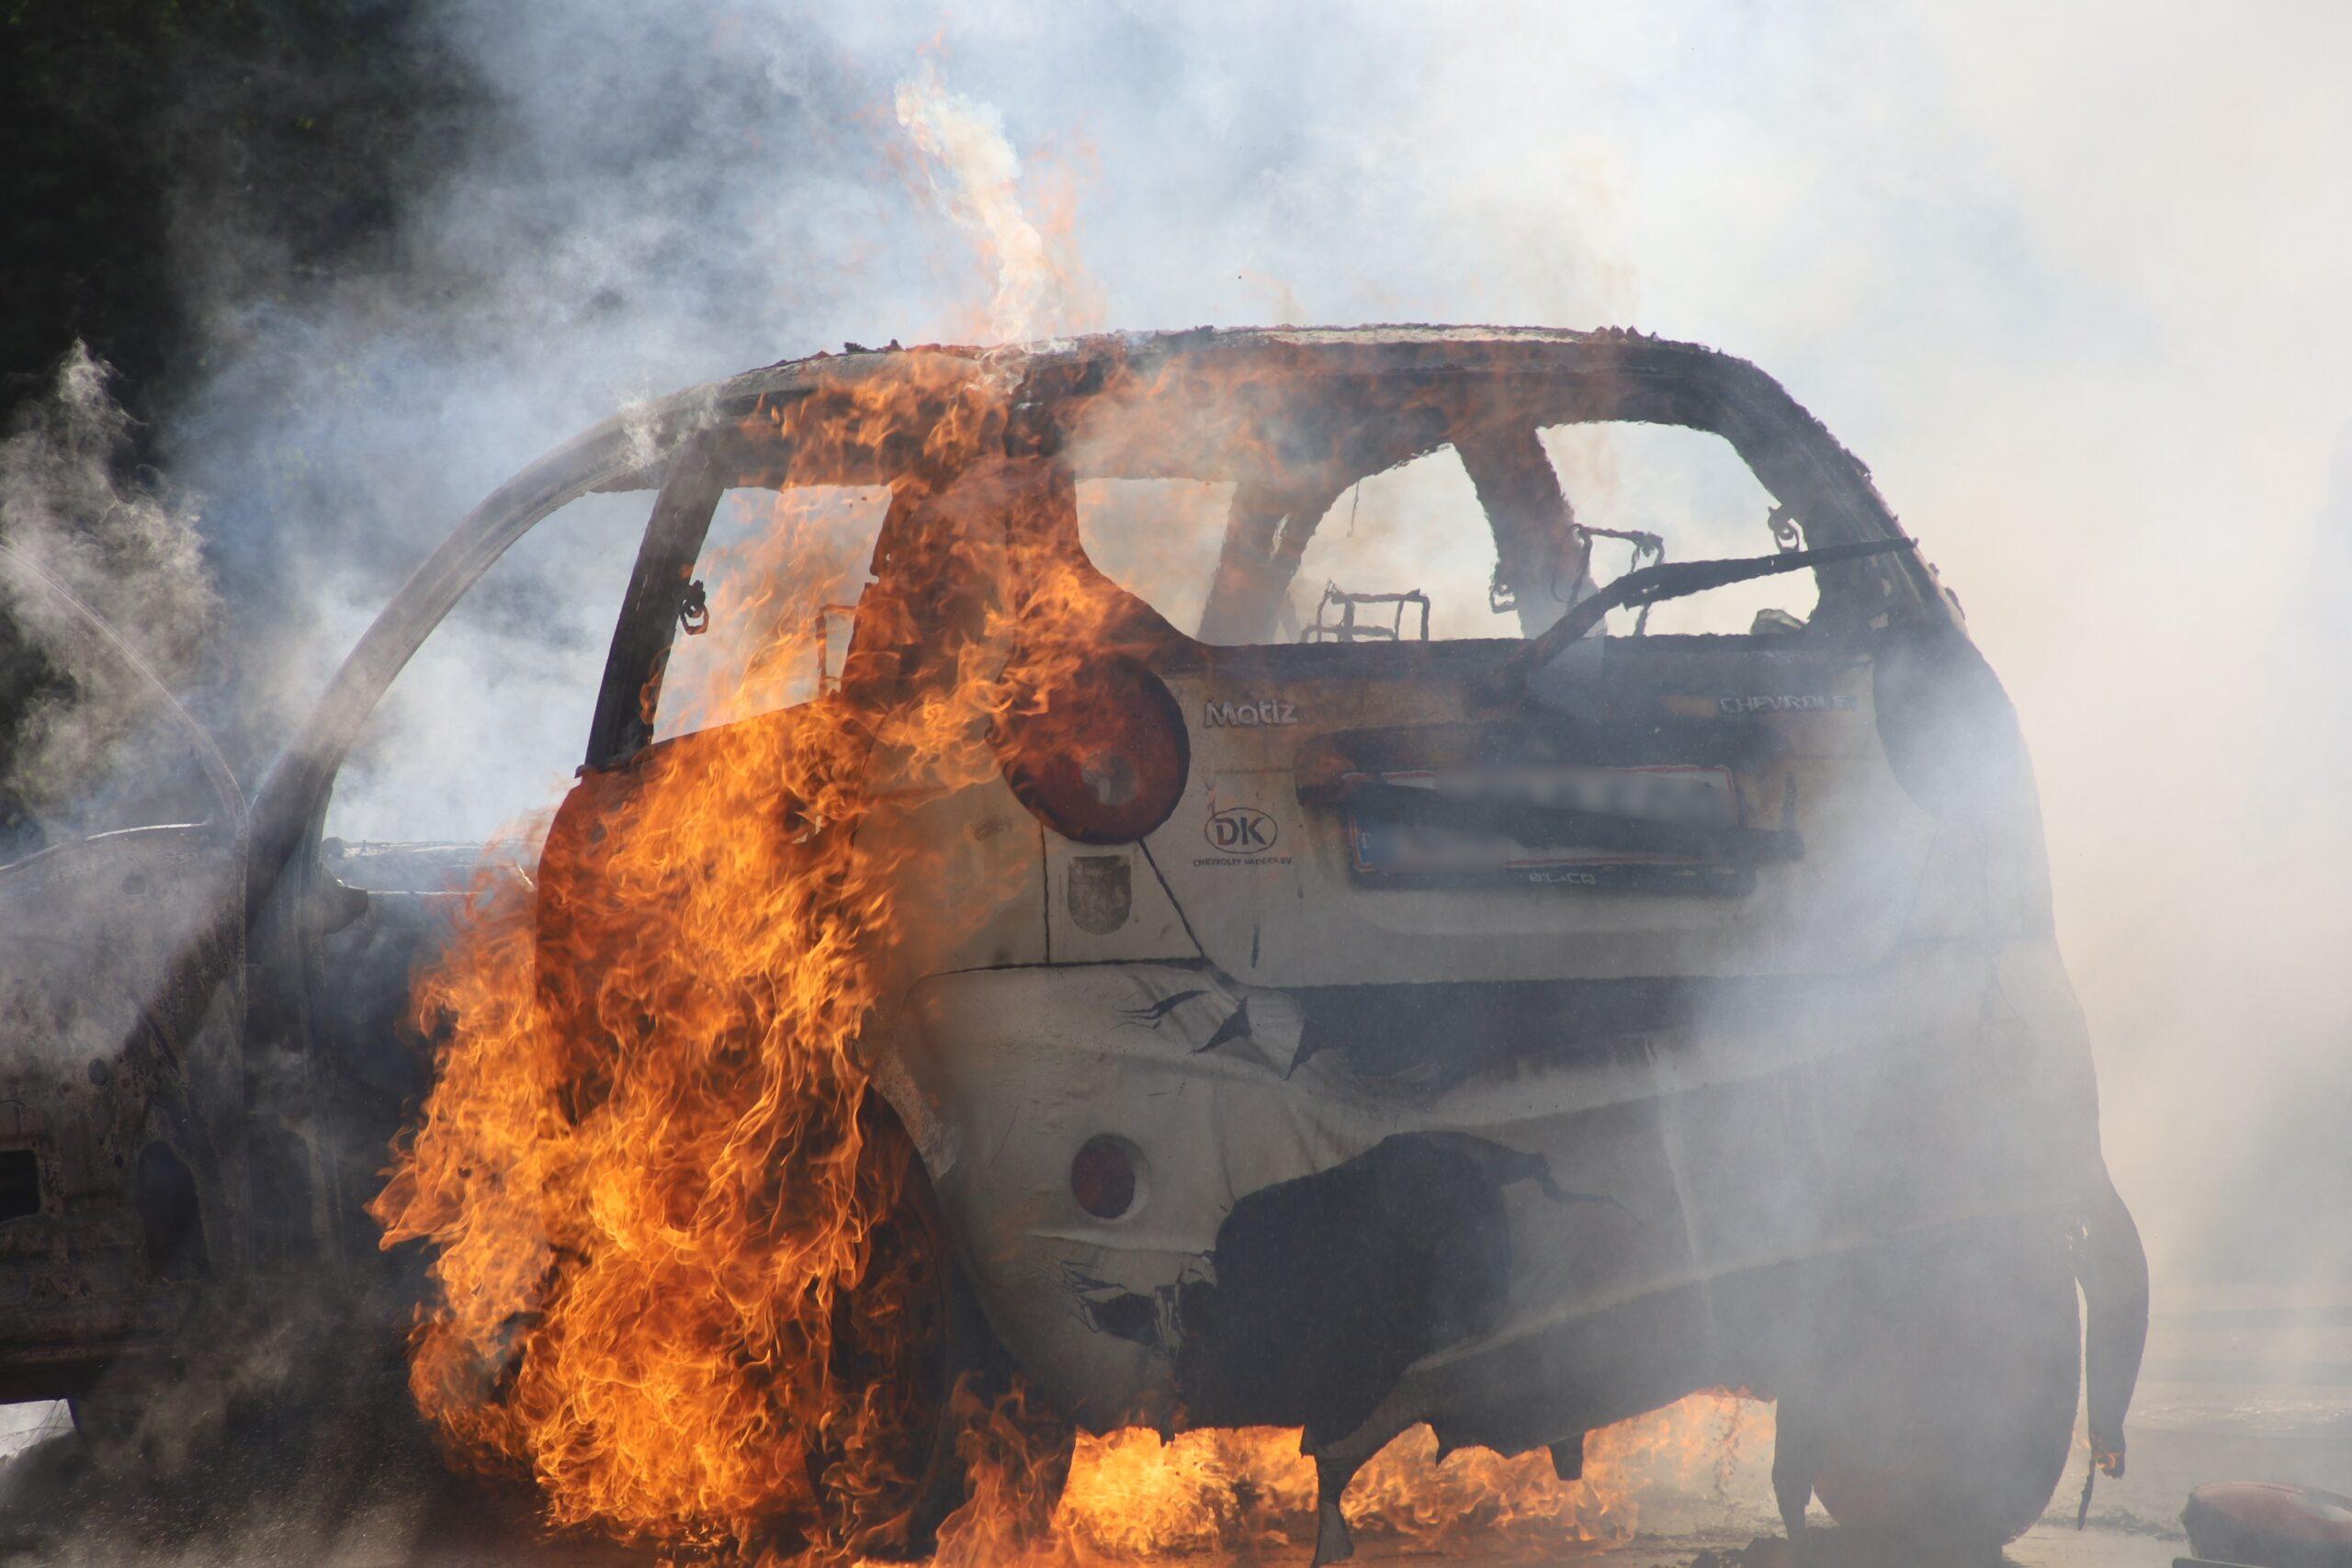 Voldsom bilbrand i Kolding: Store flammer står ud af bil